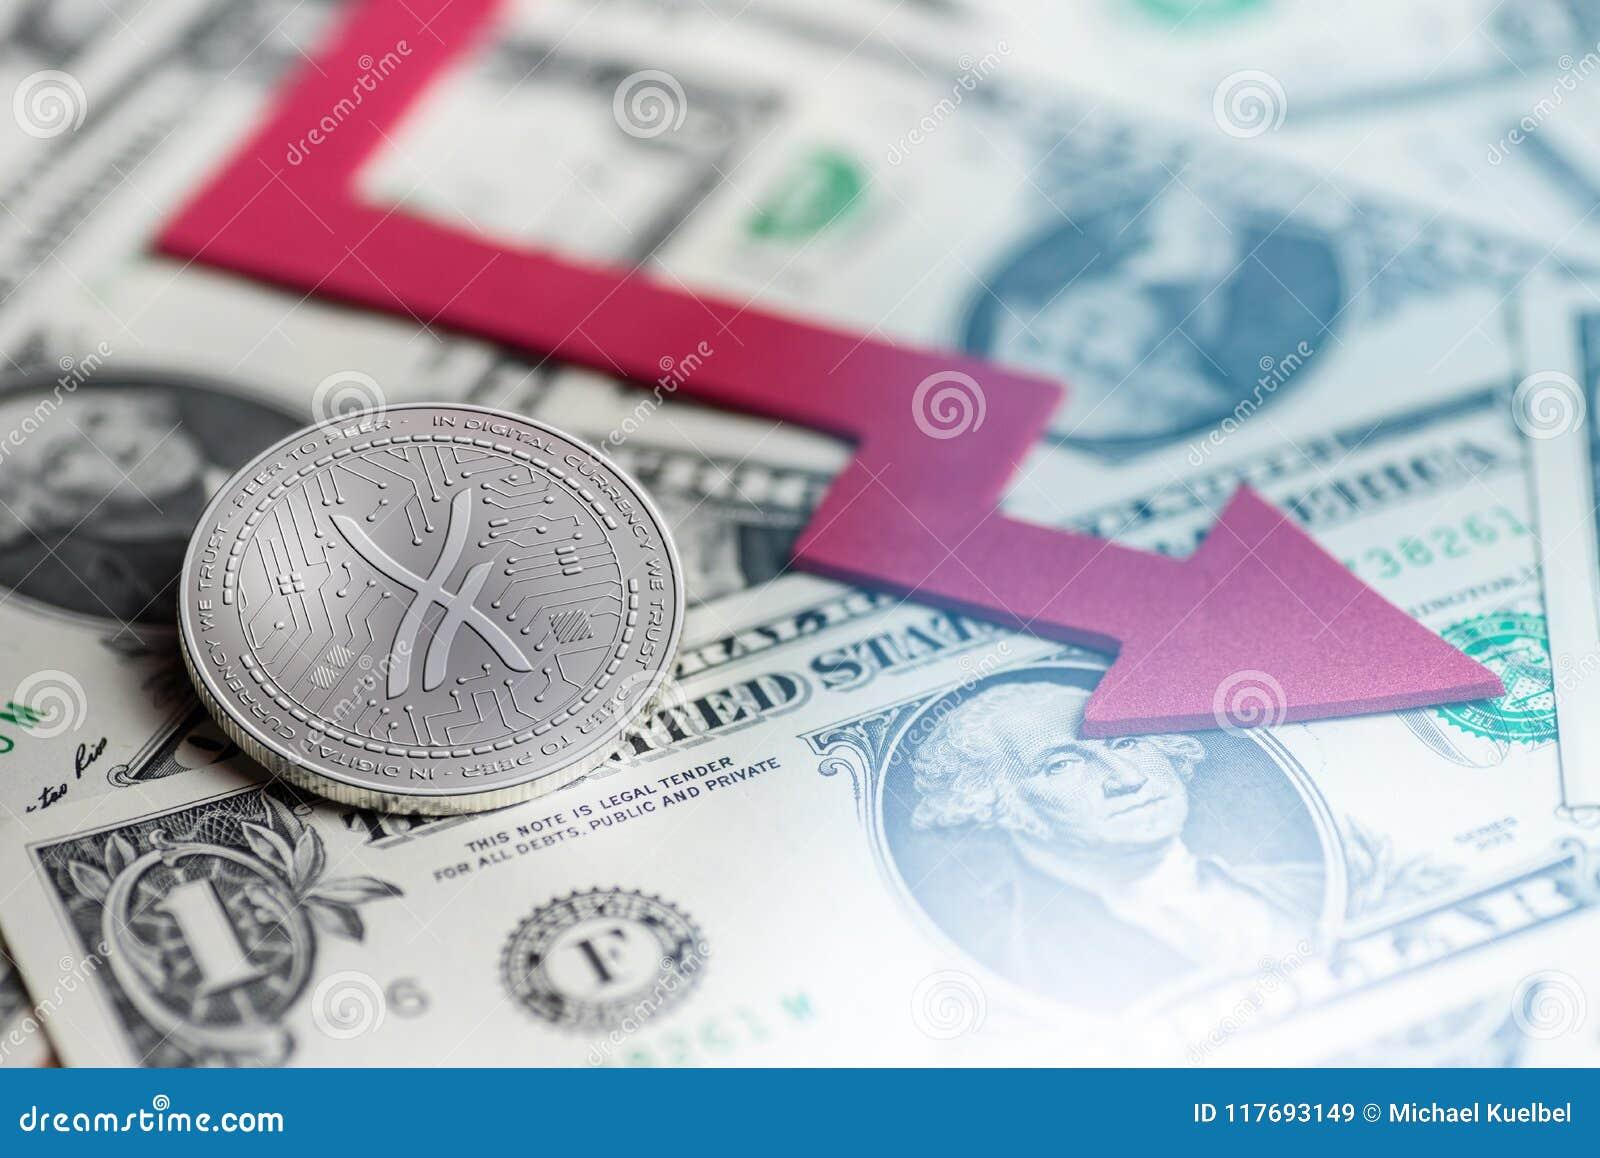 Pièce de monnaie brillante de cryptocurrency de l argent AIRPORN avec le rendu perdu en baisse du déficit 3d de diagramme de bais